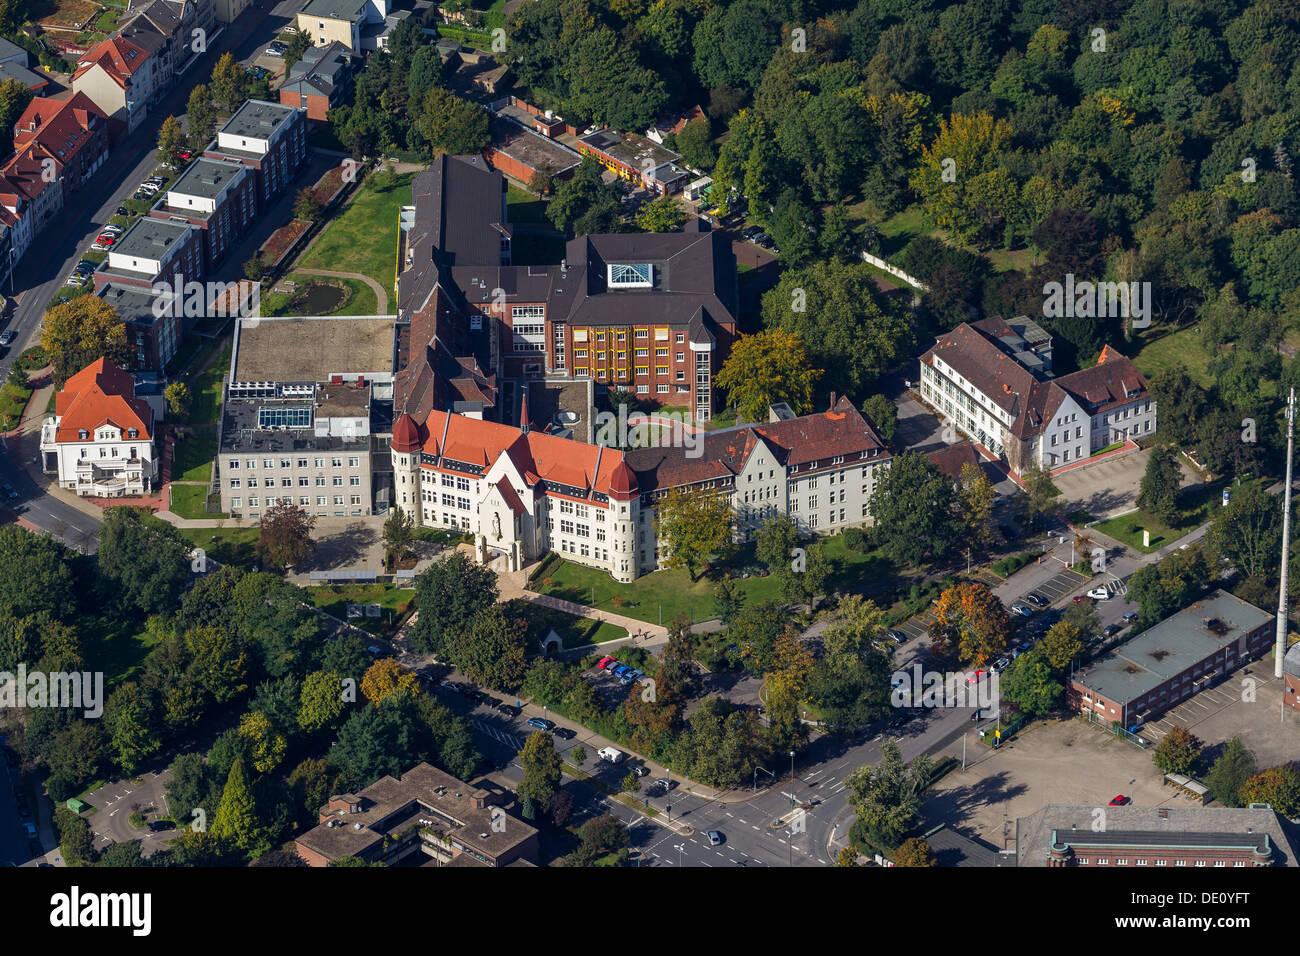 Luftaufnahme, St.-Marien-Hospital, Gelsenkirchen-Buer, Ruhrgebiet, Nordrhein-Westfalen Stockbild